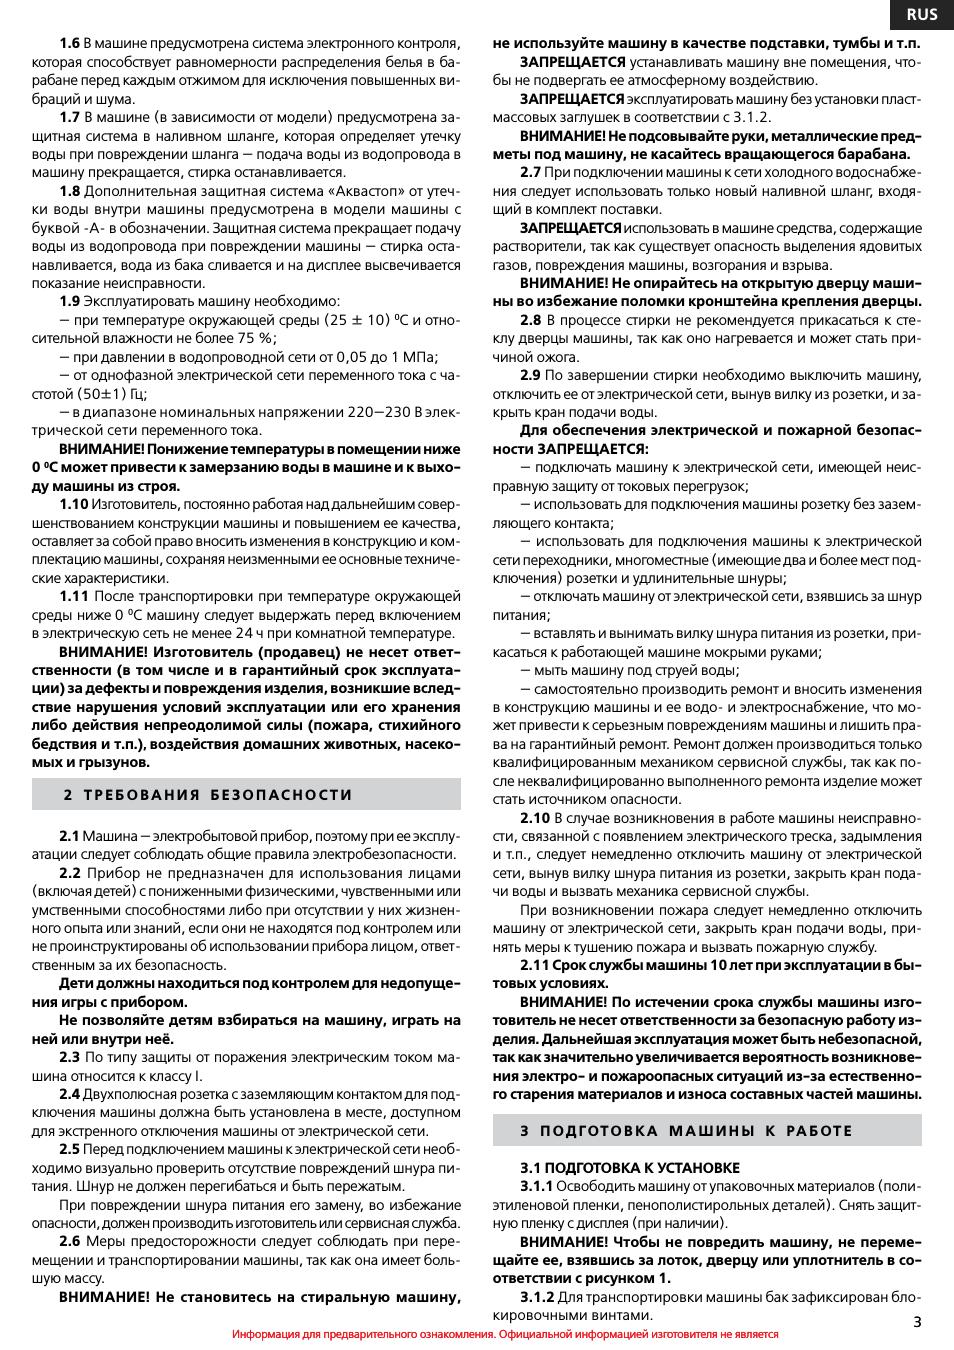 UKR Информация для предварительного ознакомления. Официальн.